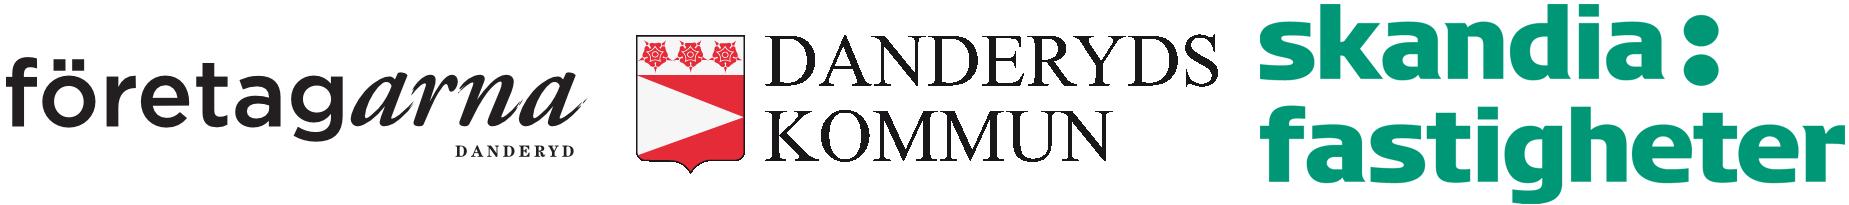 Företagsmässan Världsklass Danderyd